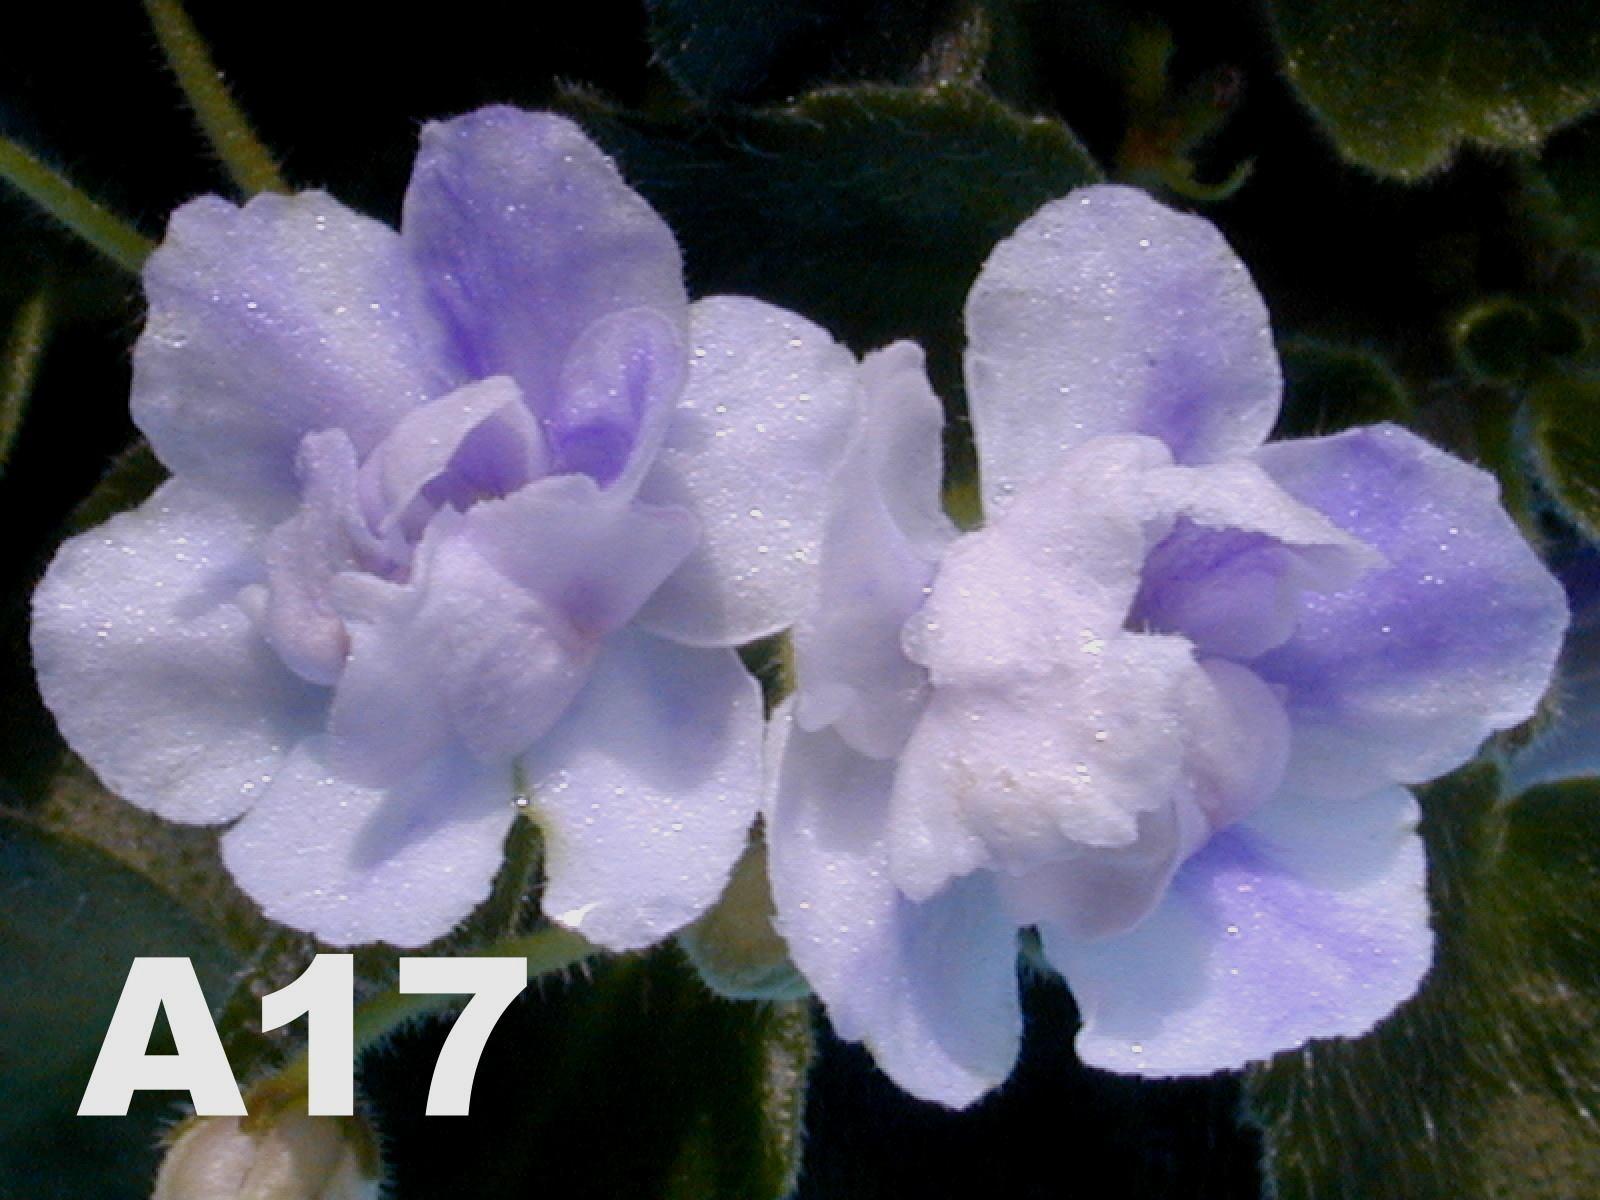 非洲紫羅蘭名錄 | African Violets Catalogue - A系列 A17